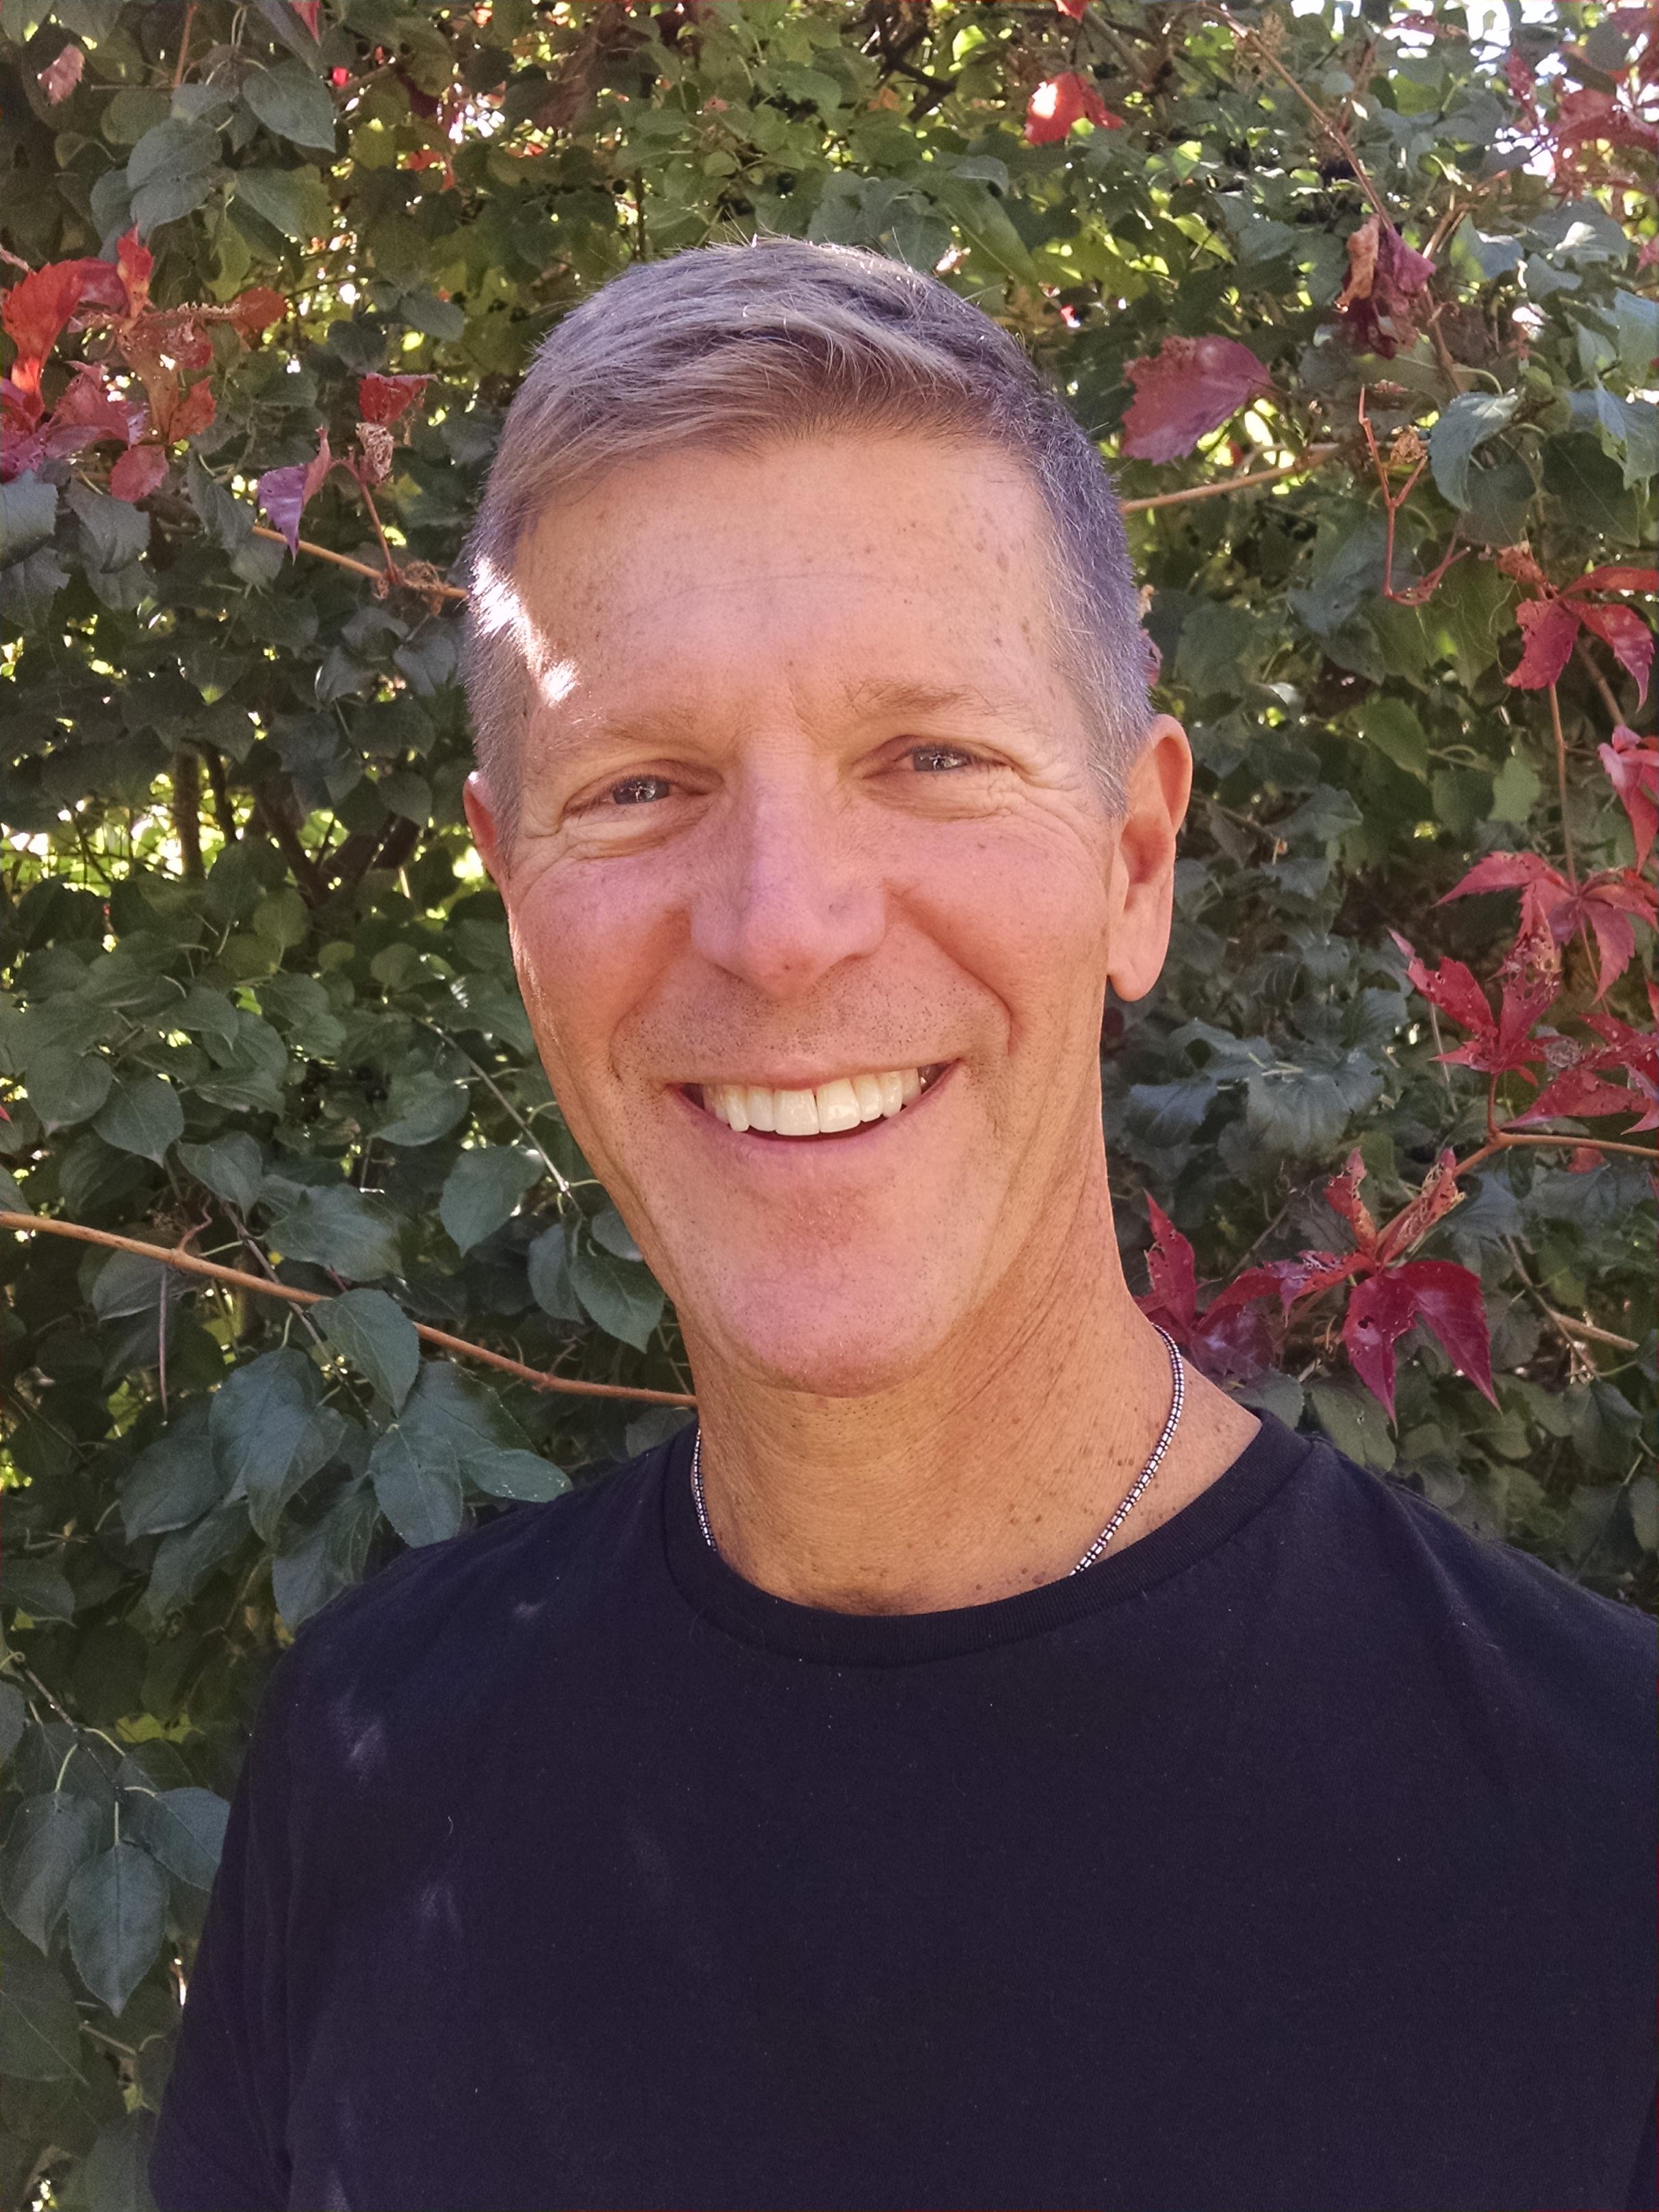 Scott Landis